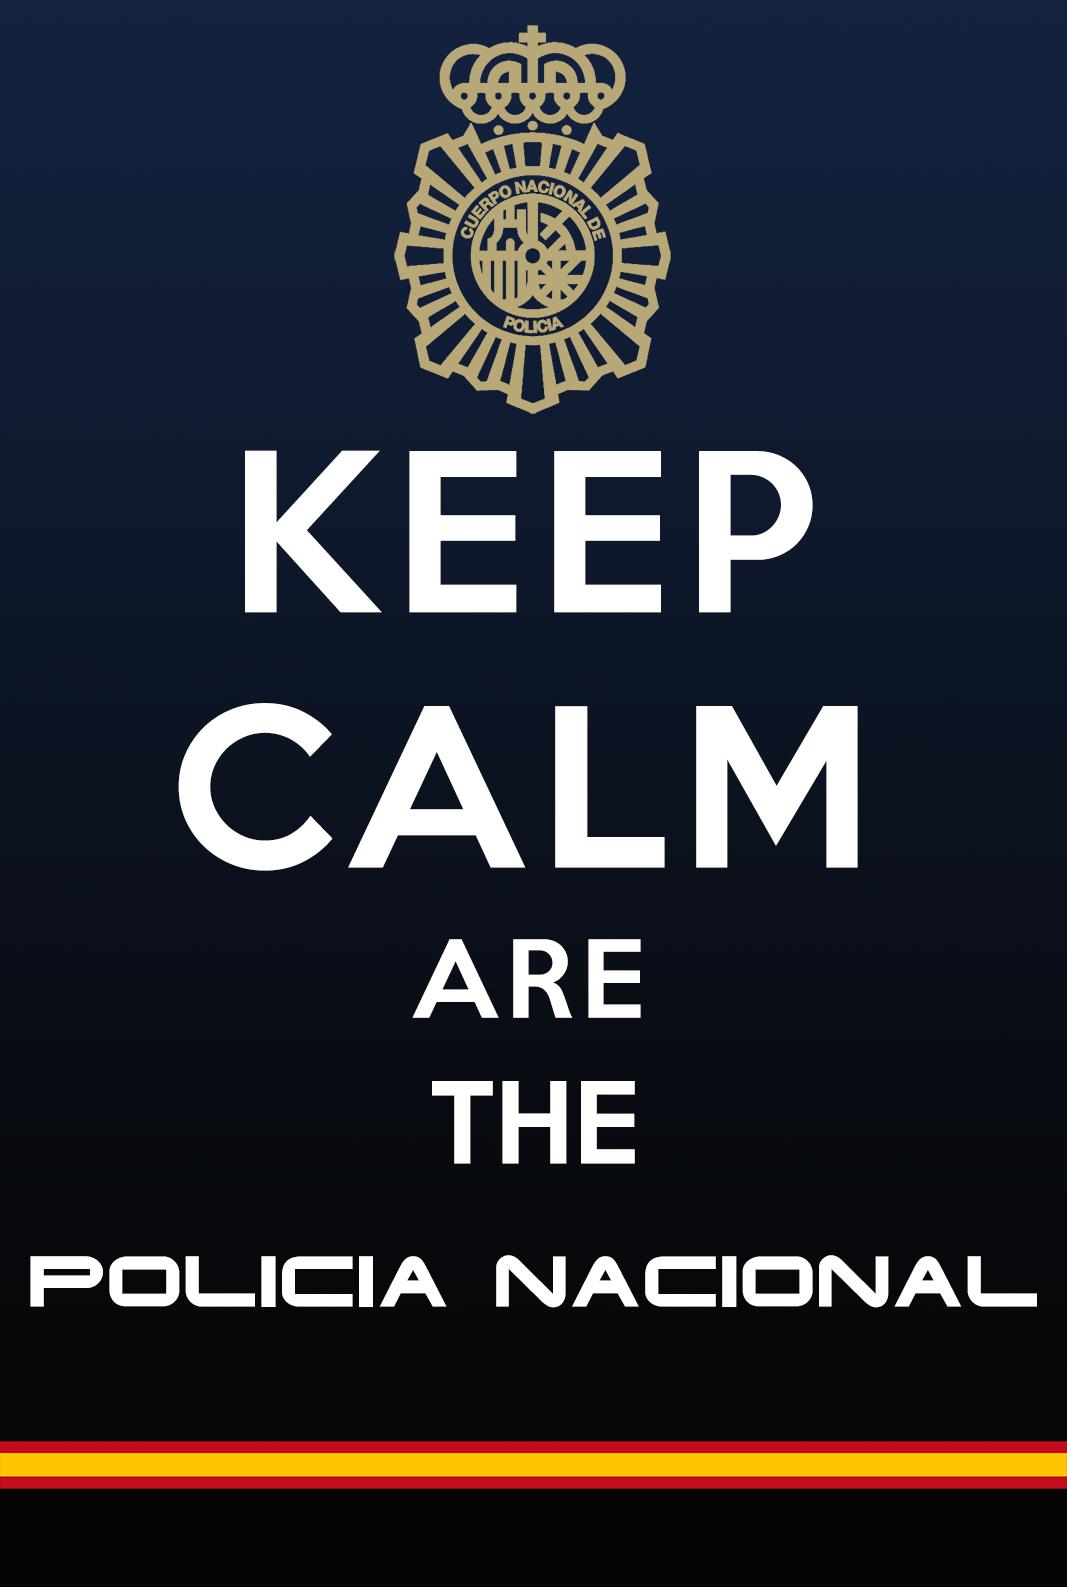 eb9cbc401 Keep Calm Are The Policía Nacional  CNP